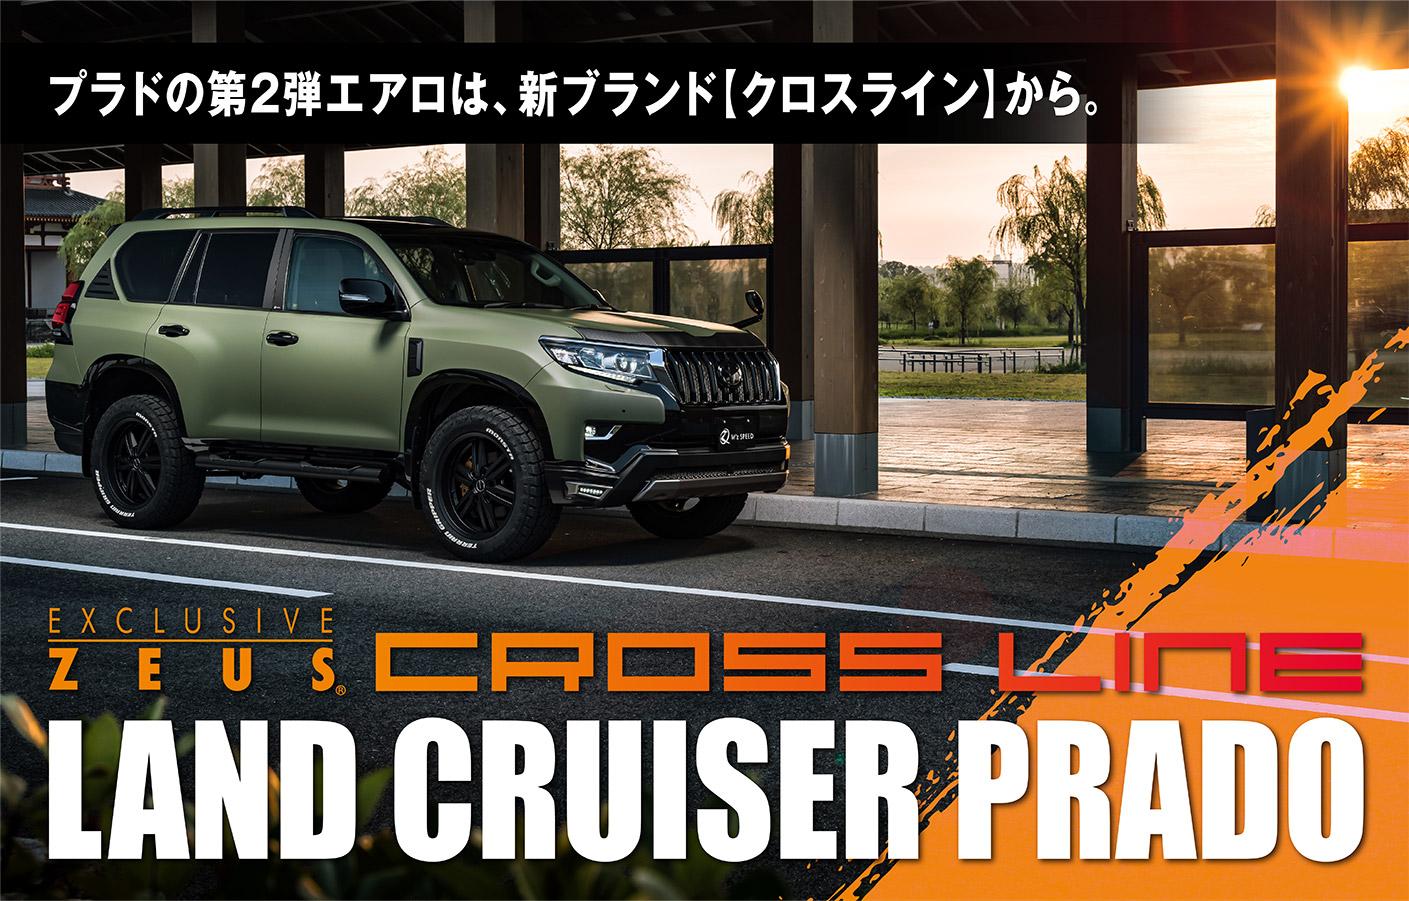 プラドの第2弾エアロは、新ブランド【クロスライン】から。EXCLUSIVE ZEUS CROSS LINE LAND CRUISER PRADO